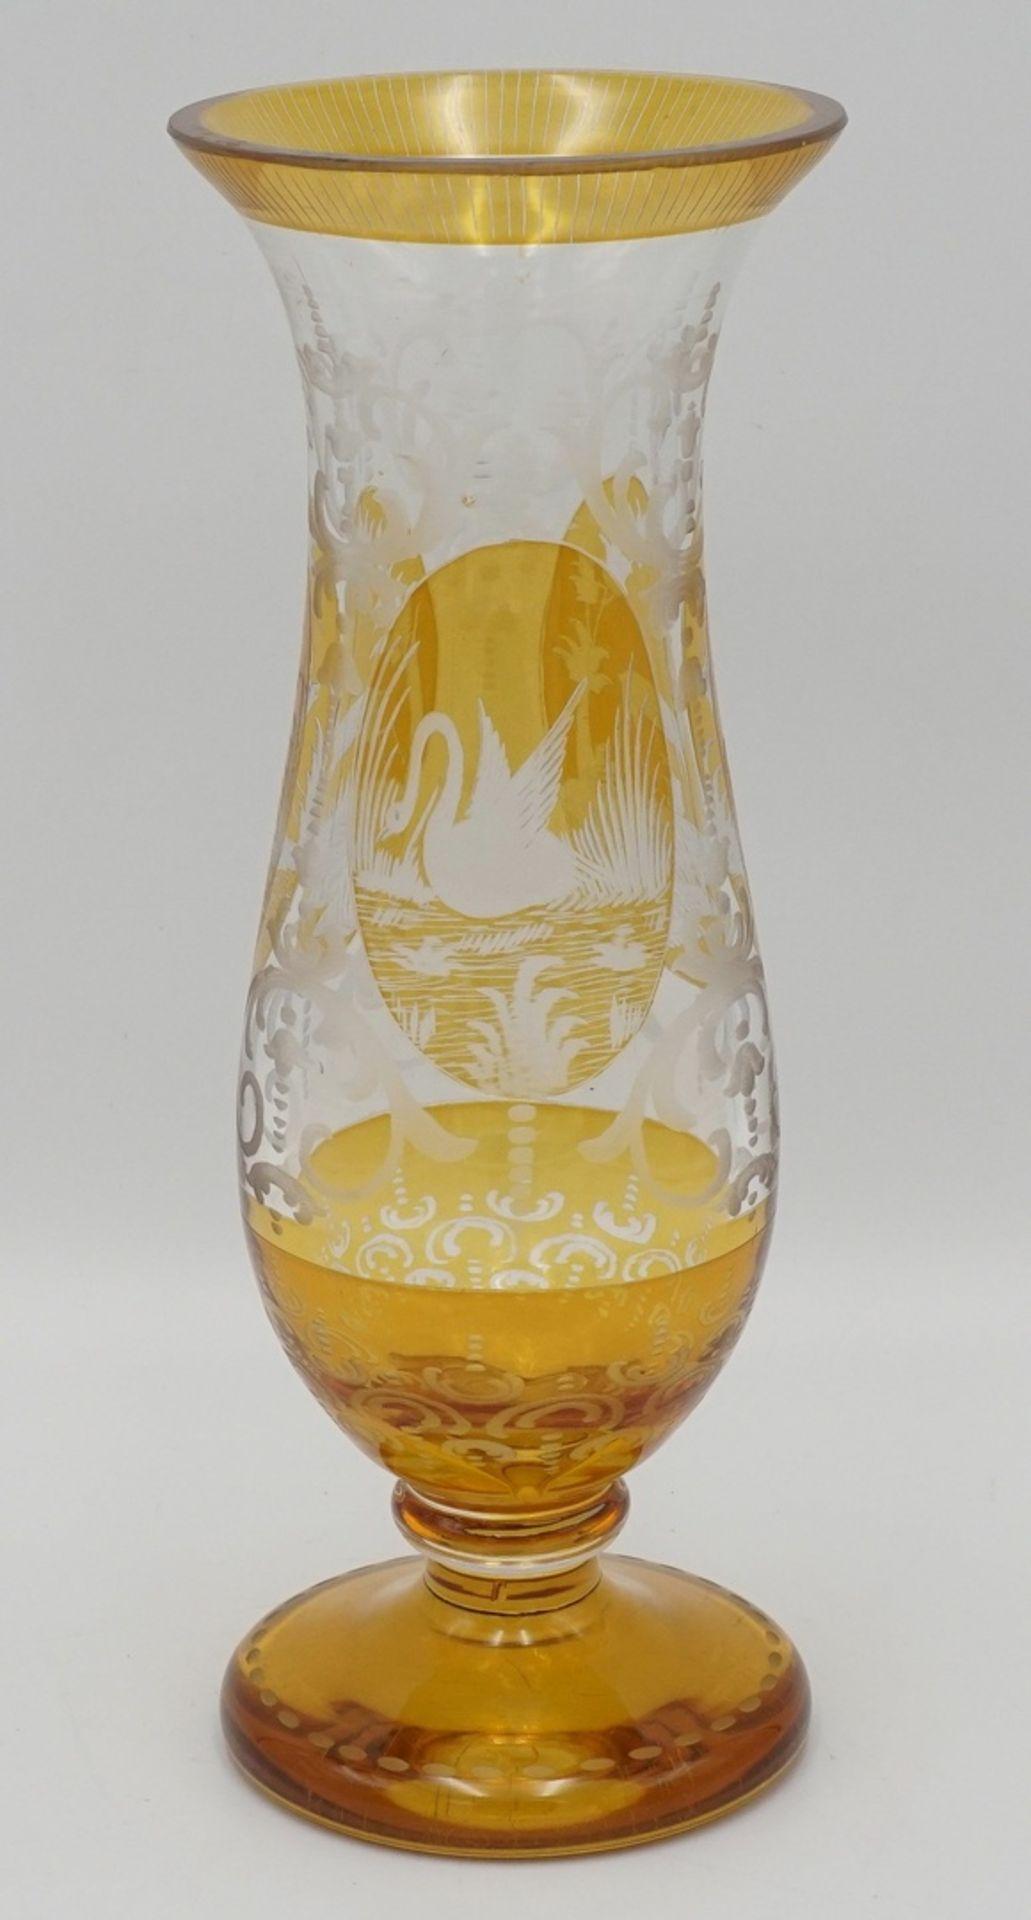 Kristallvase mit Tiermotiven - Bild 3 aus 4